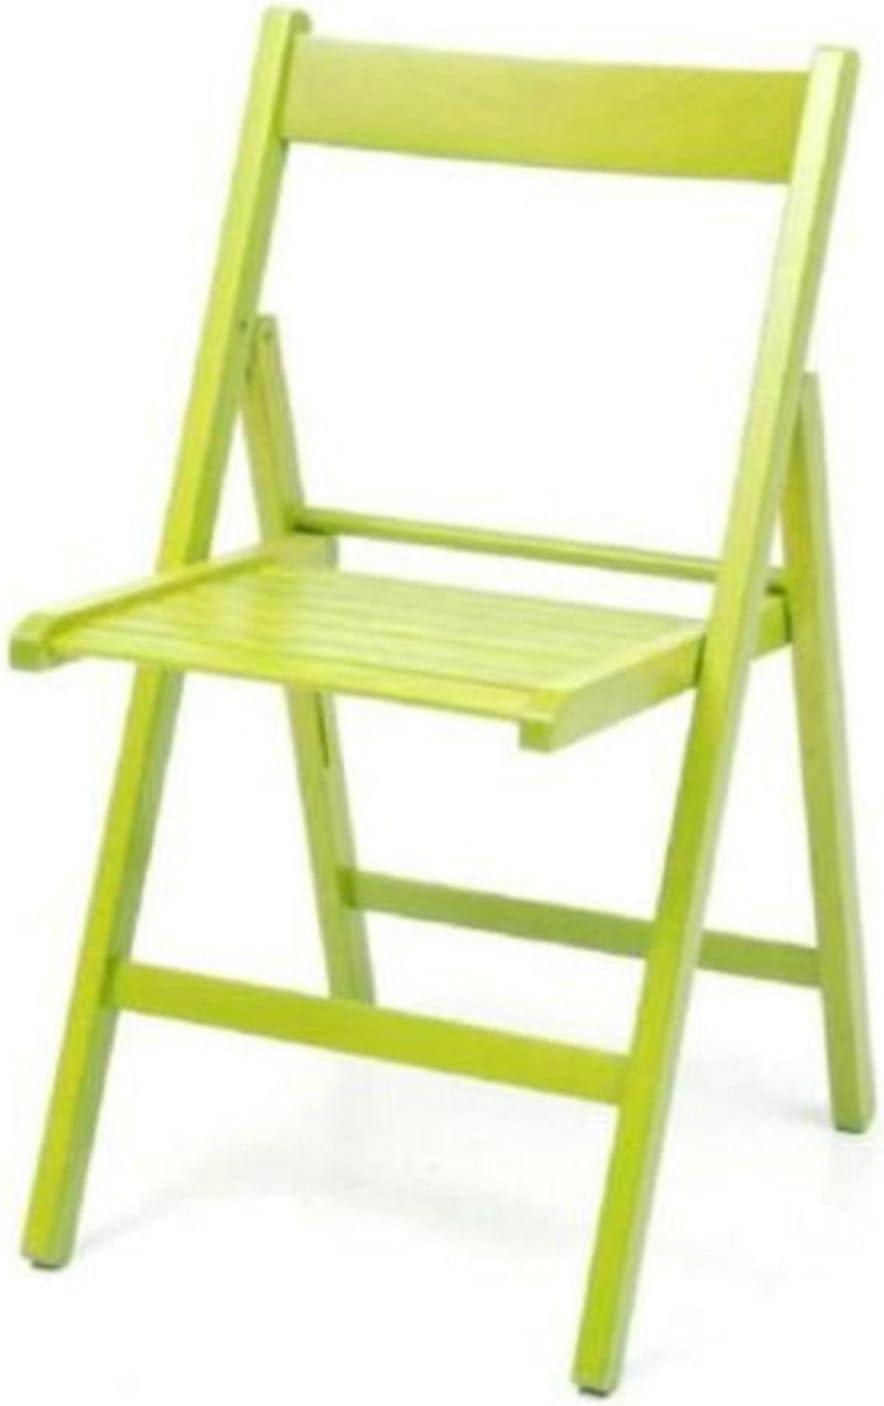 4 sedie pieghevole sedia birreria in legno verniciato VARI COLORI richiudibile per campeggio casa e giardino (BLEU)